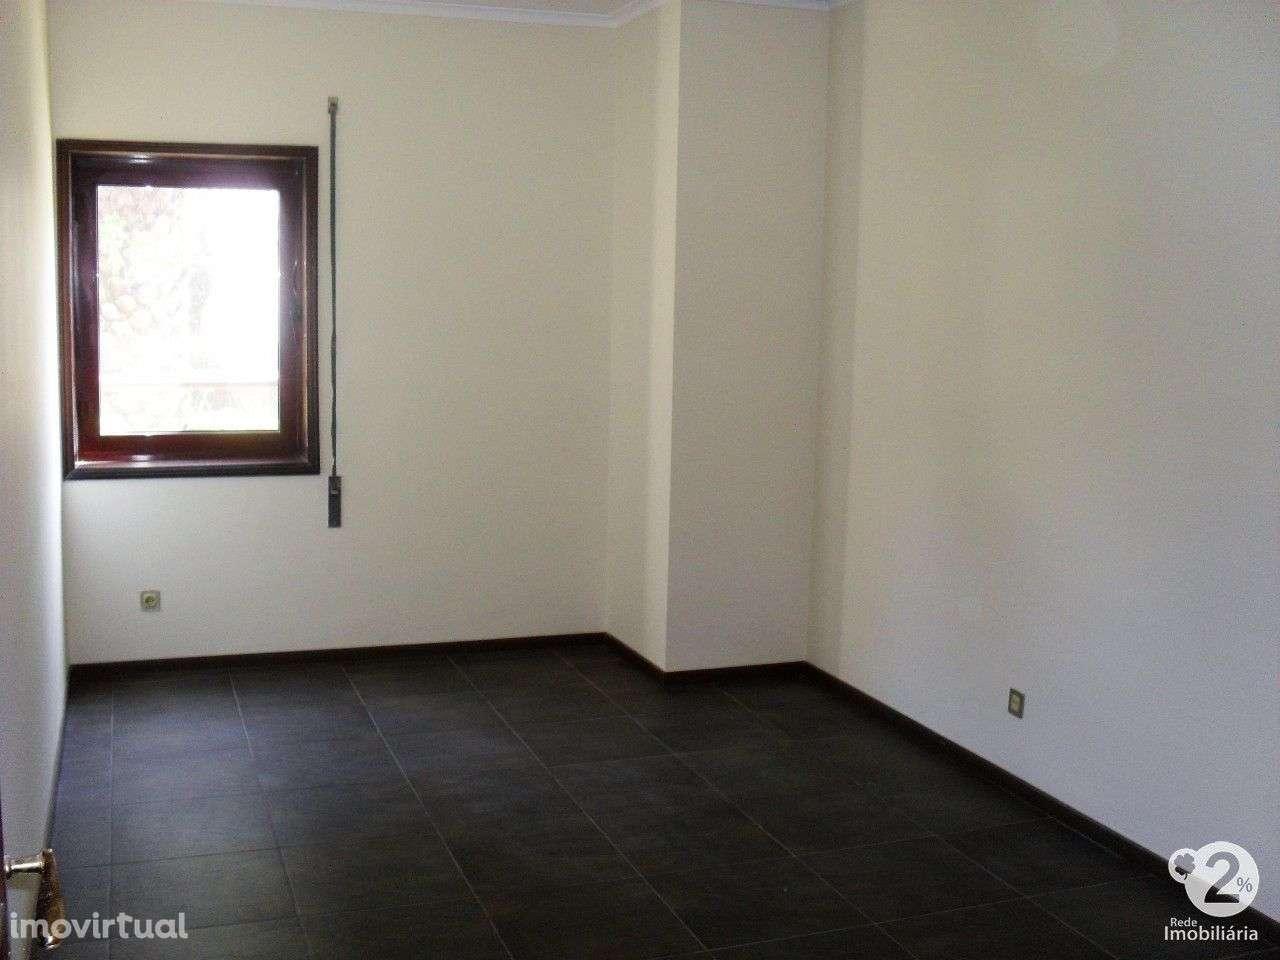 Apartamento para comprar, Águas Santas, Porto - Foto 13